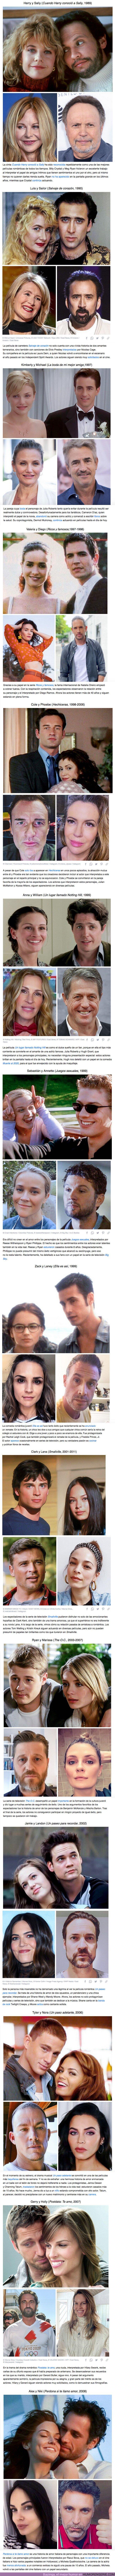 71171 - GALERÍA: Cómo se ven en la actualidad 14 parejas de películas y series por cuyas relaciones solíamos derramar lágrimas en nuestra juventud